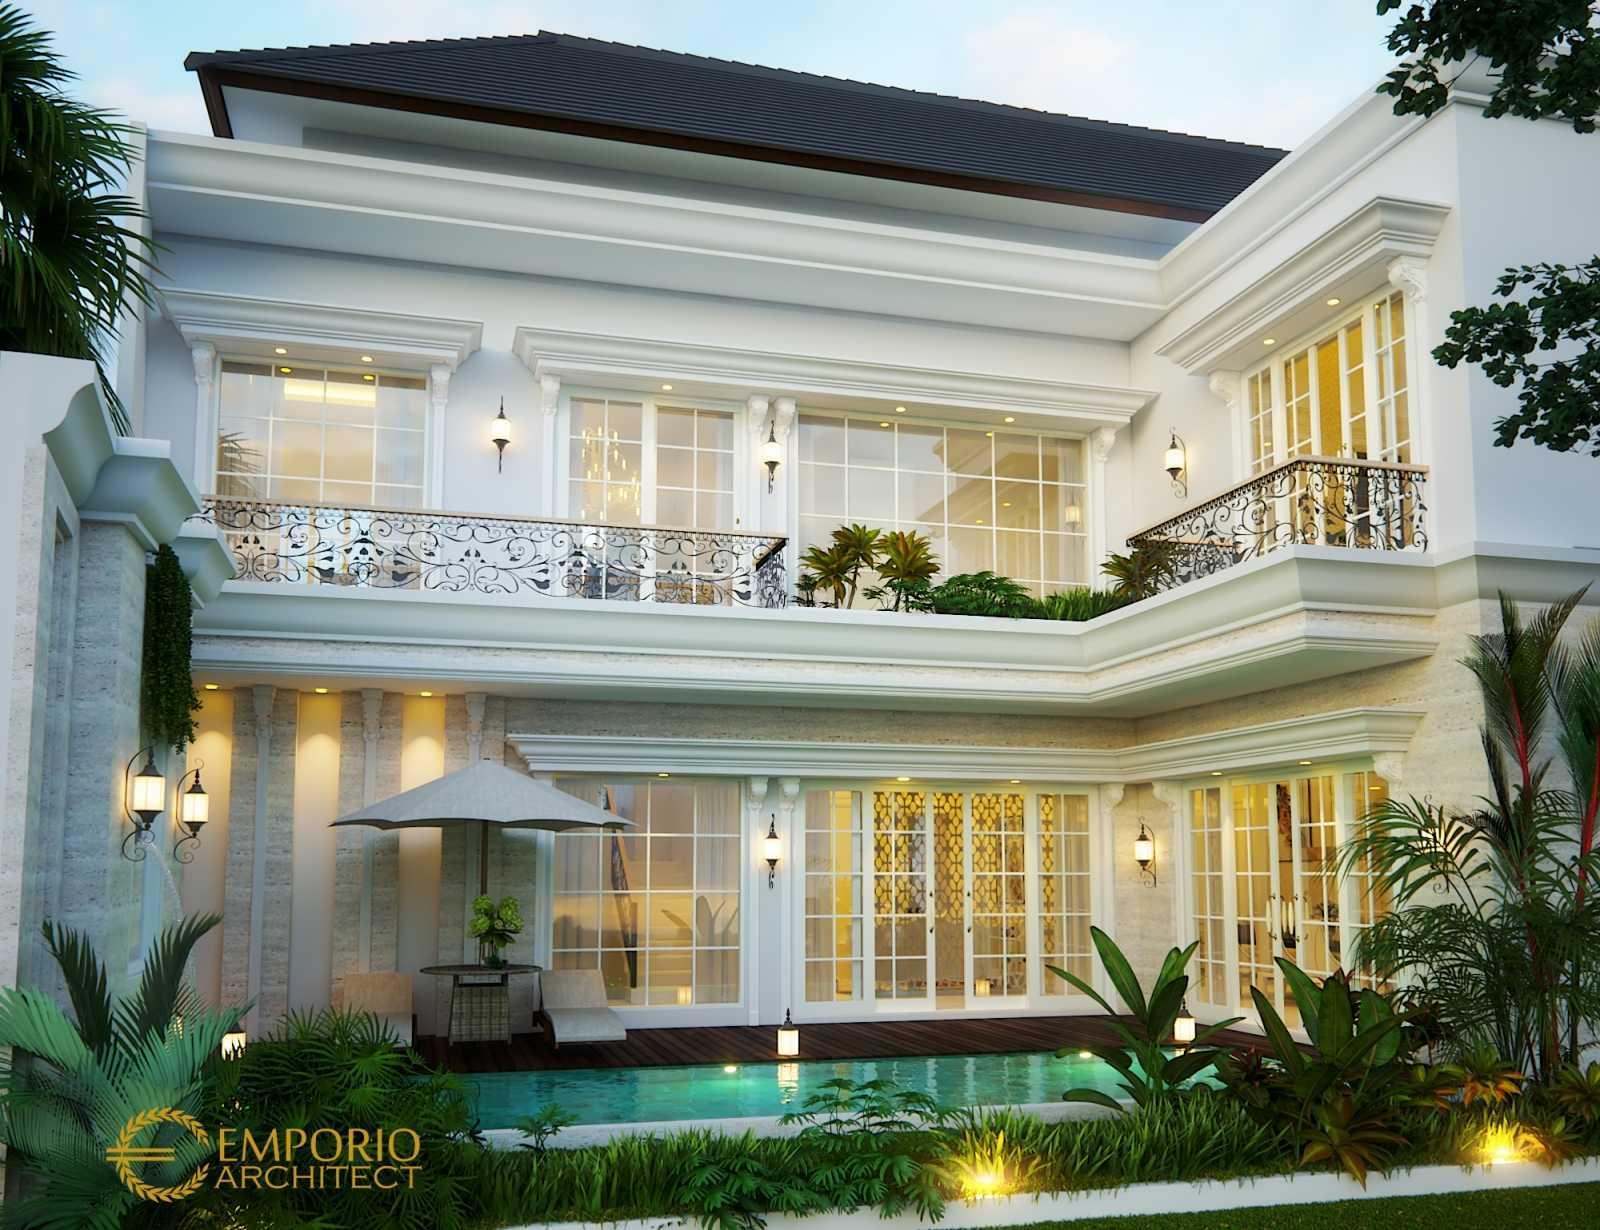 Emporio Architect Desain Rumah Classic Tropis 620 @ Jambi Jambi, Kota Jambi, Jambi, Indonesia Jambi, Kota Jambi, Jambi, Indonesia Emporio-Architect-Desain-Rumah-Classic-Tropis-620-Jambi   78240